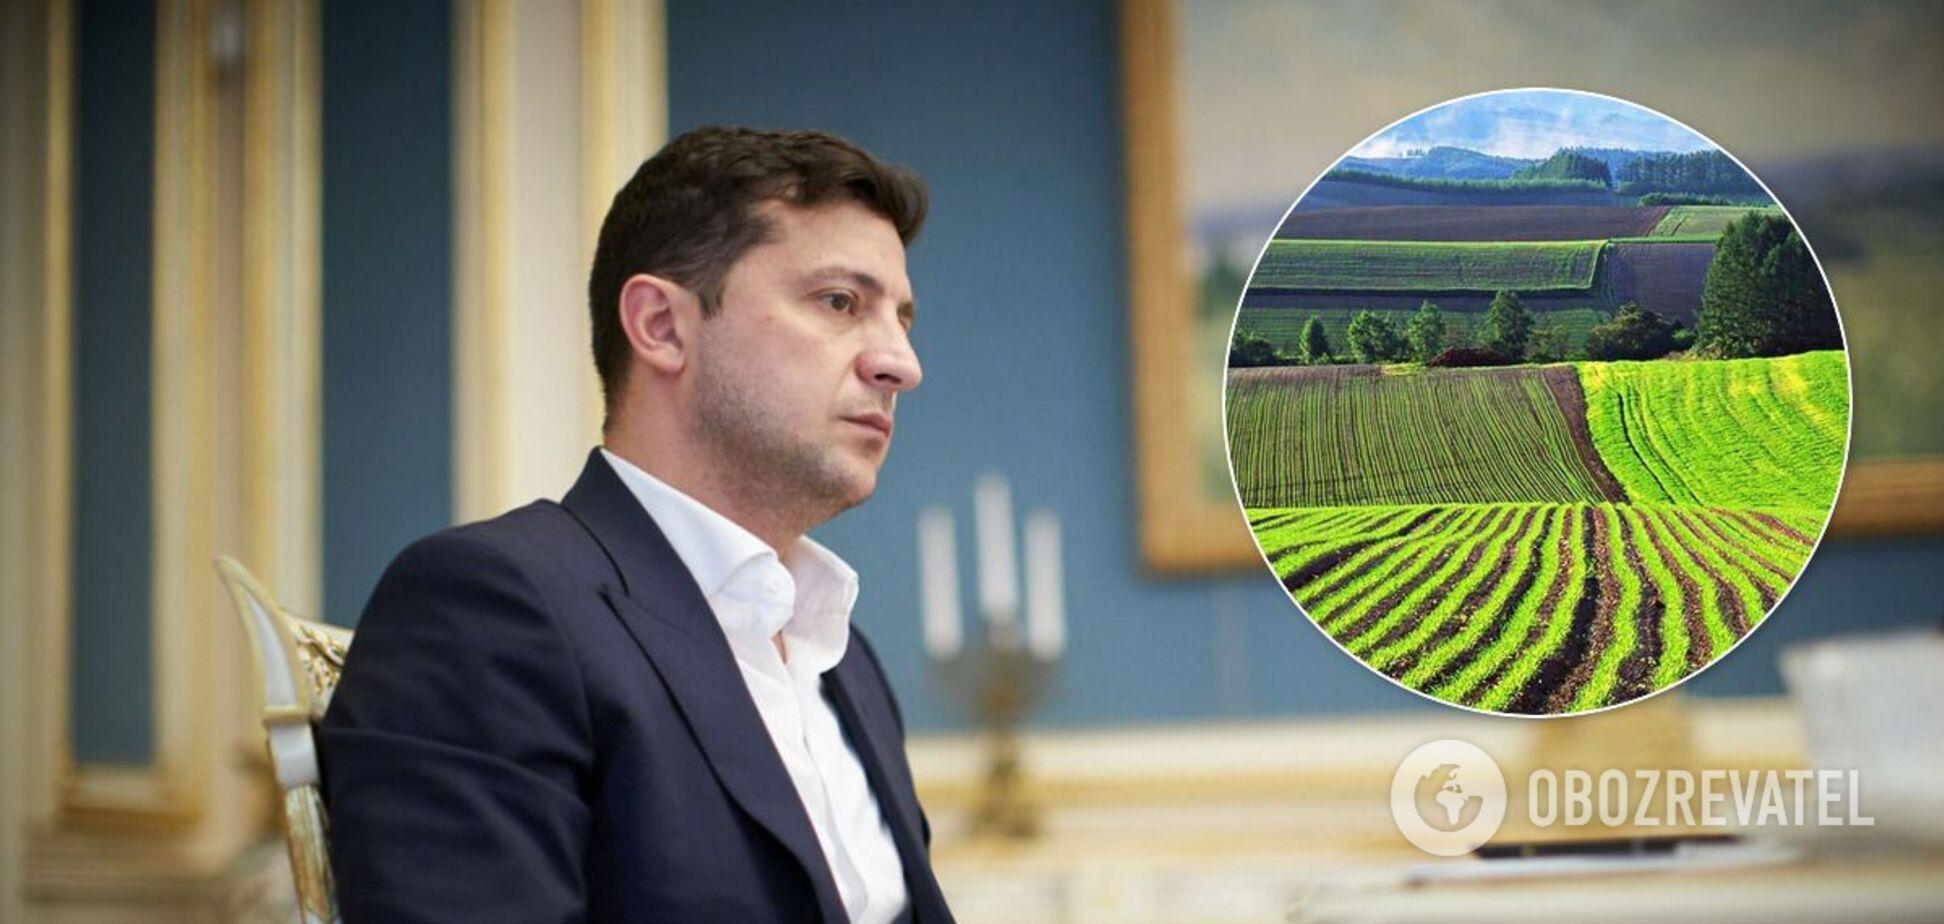 Зеленский передал 2 млн га земель в коммунальную собственность: кто может получить бесплатно